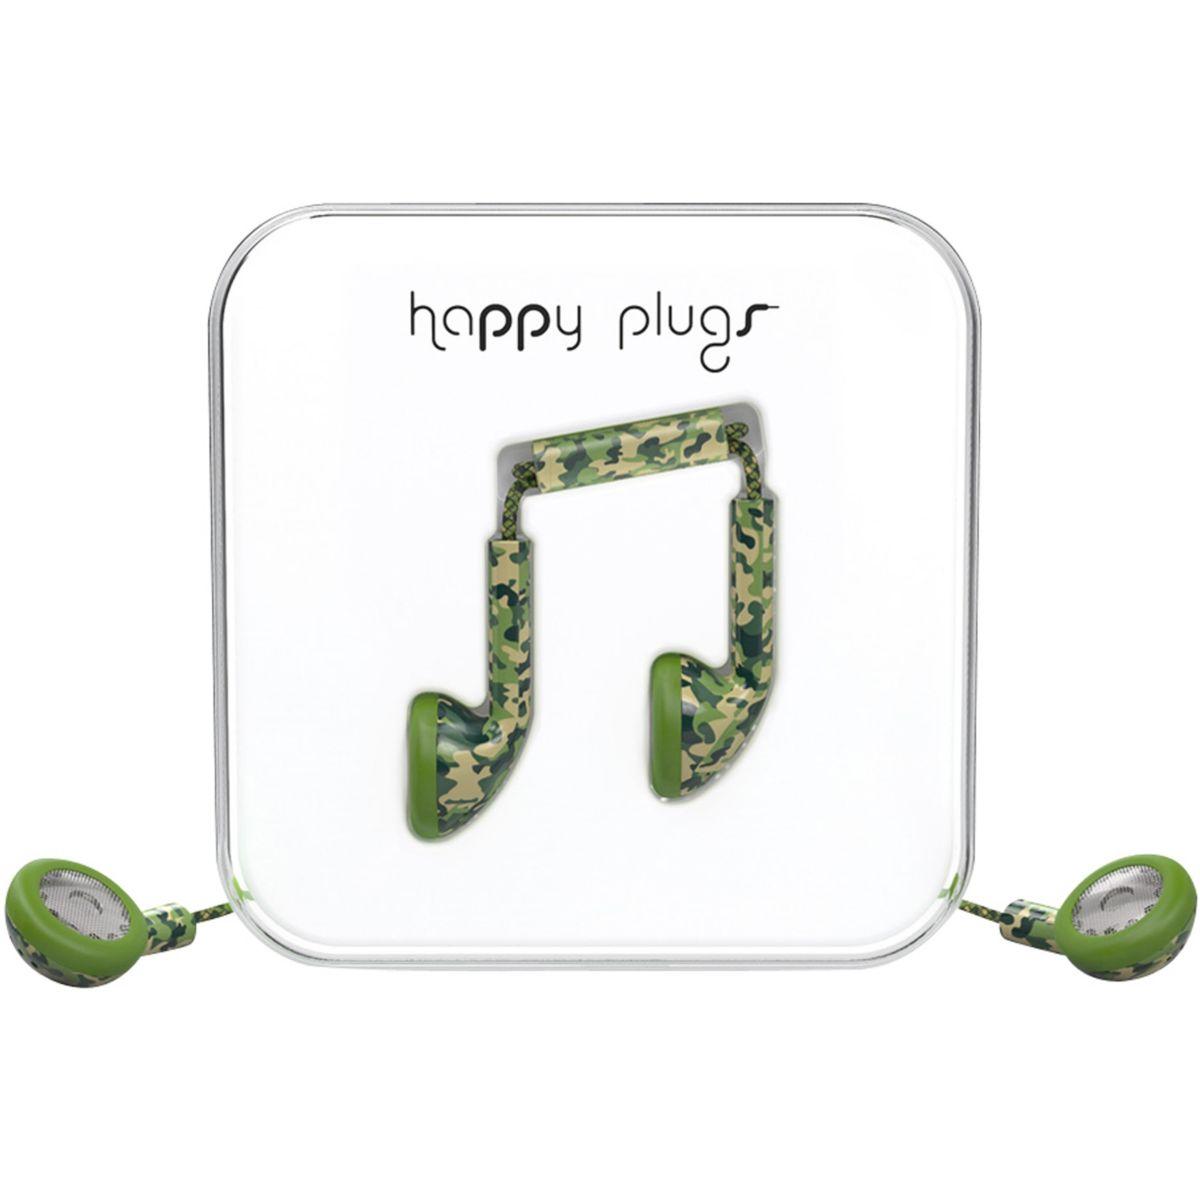 Ecouteurs avec micro happy plugs unik edition - 20% de remise immédiate avec le code : multi20